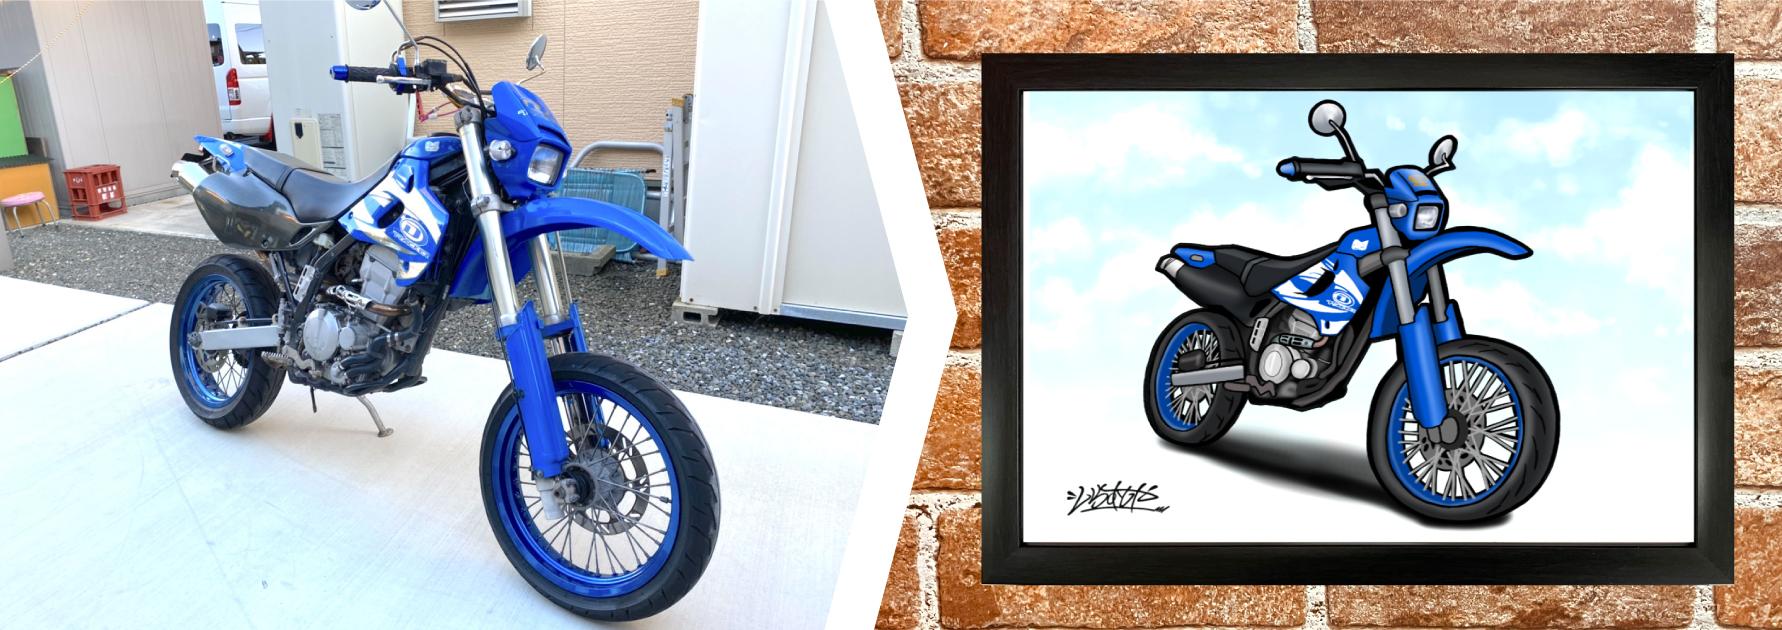 hikaku-20210106-bike